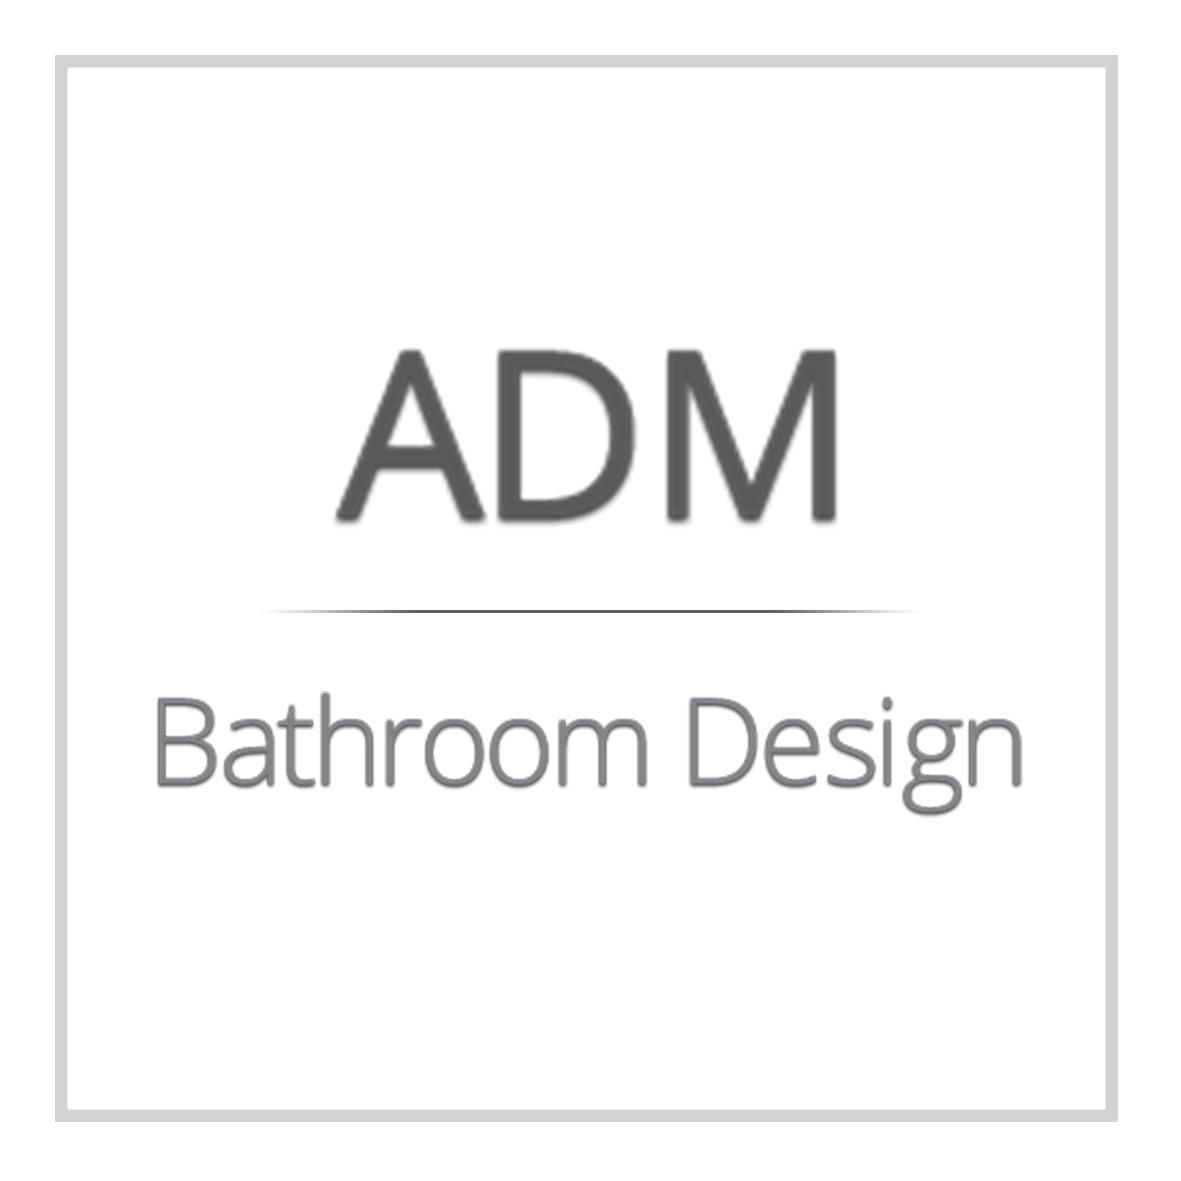 ADM Bathroom Design (@admbathroom) | Twitter on apt bathroom design, ada bathroom design, cat bathroom design, man bathroom design, apa bathroom design,